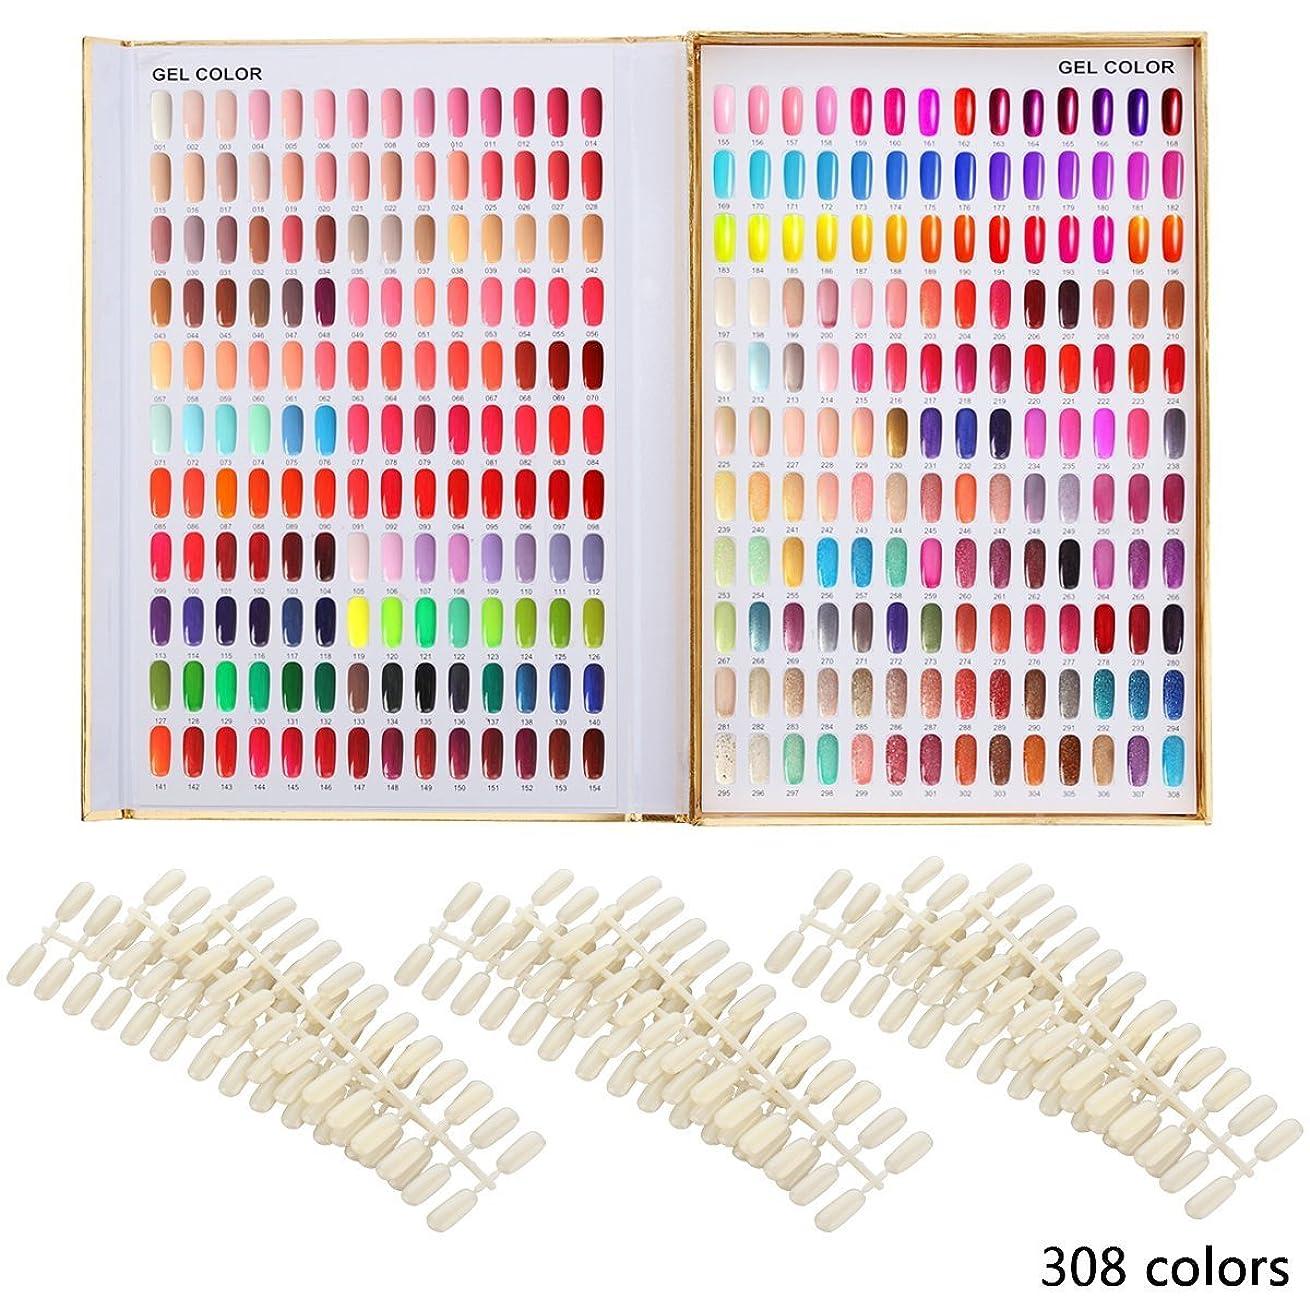 プロペラデコードする動くカラーチャート ブック ネイルマニキュアカラー色見本 120色/216色/308色 サンプル帳/色見本帳 ゴールデン (308)